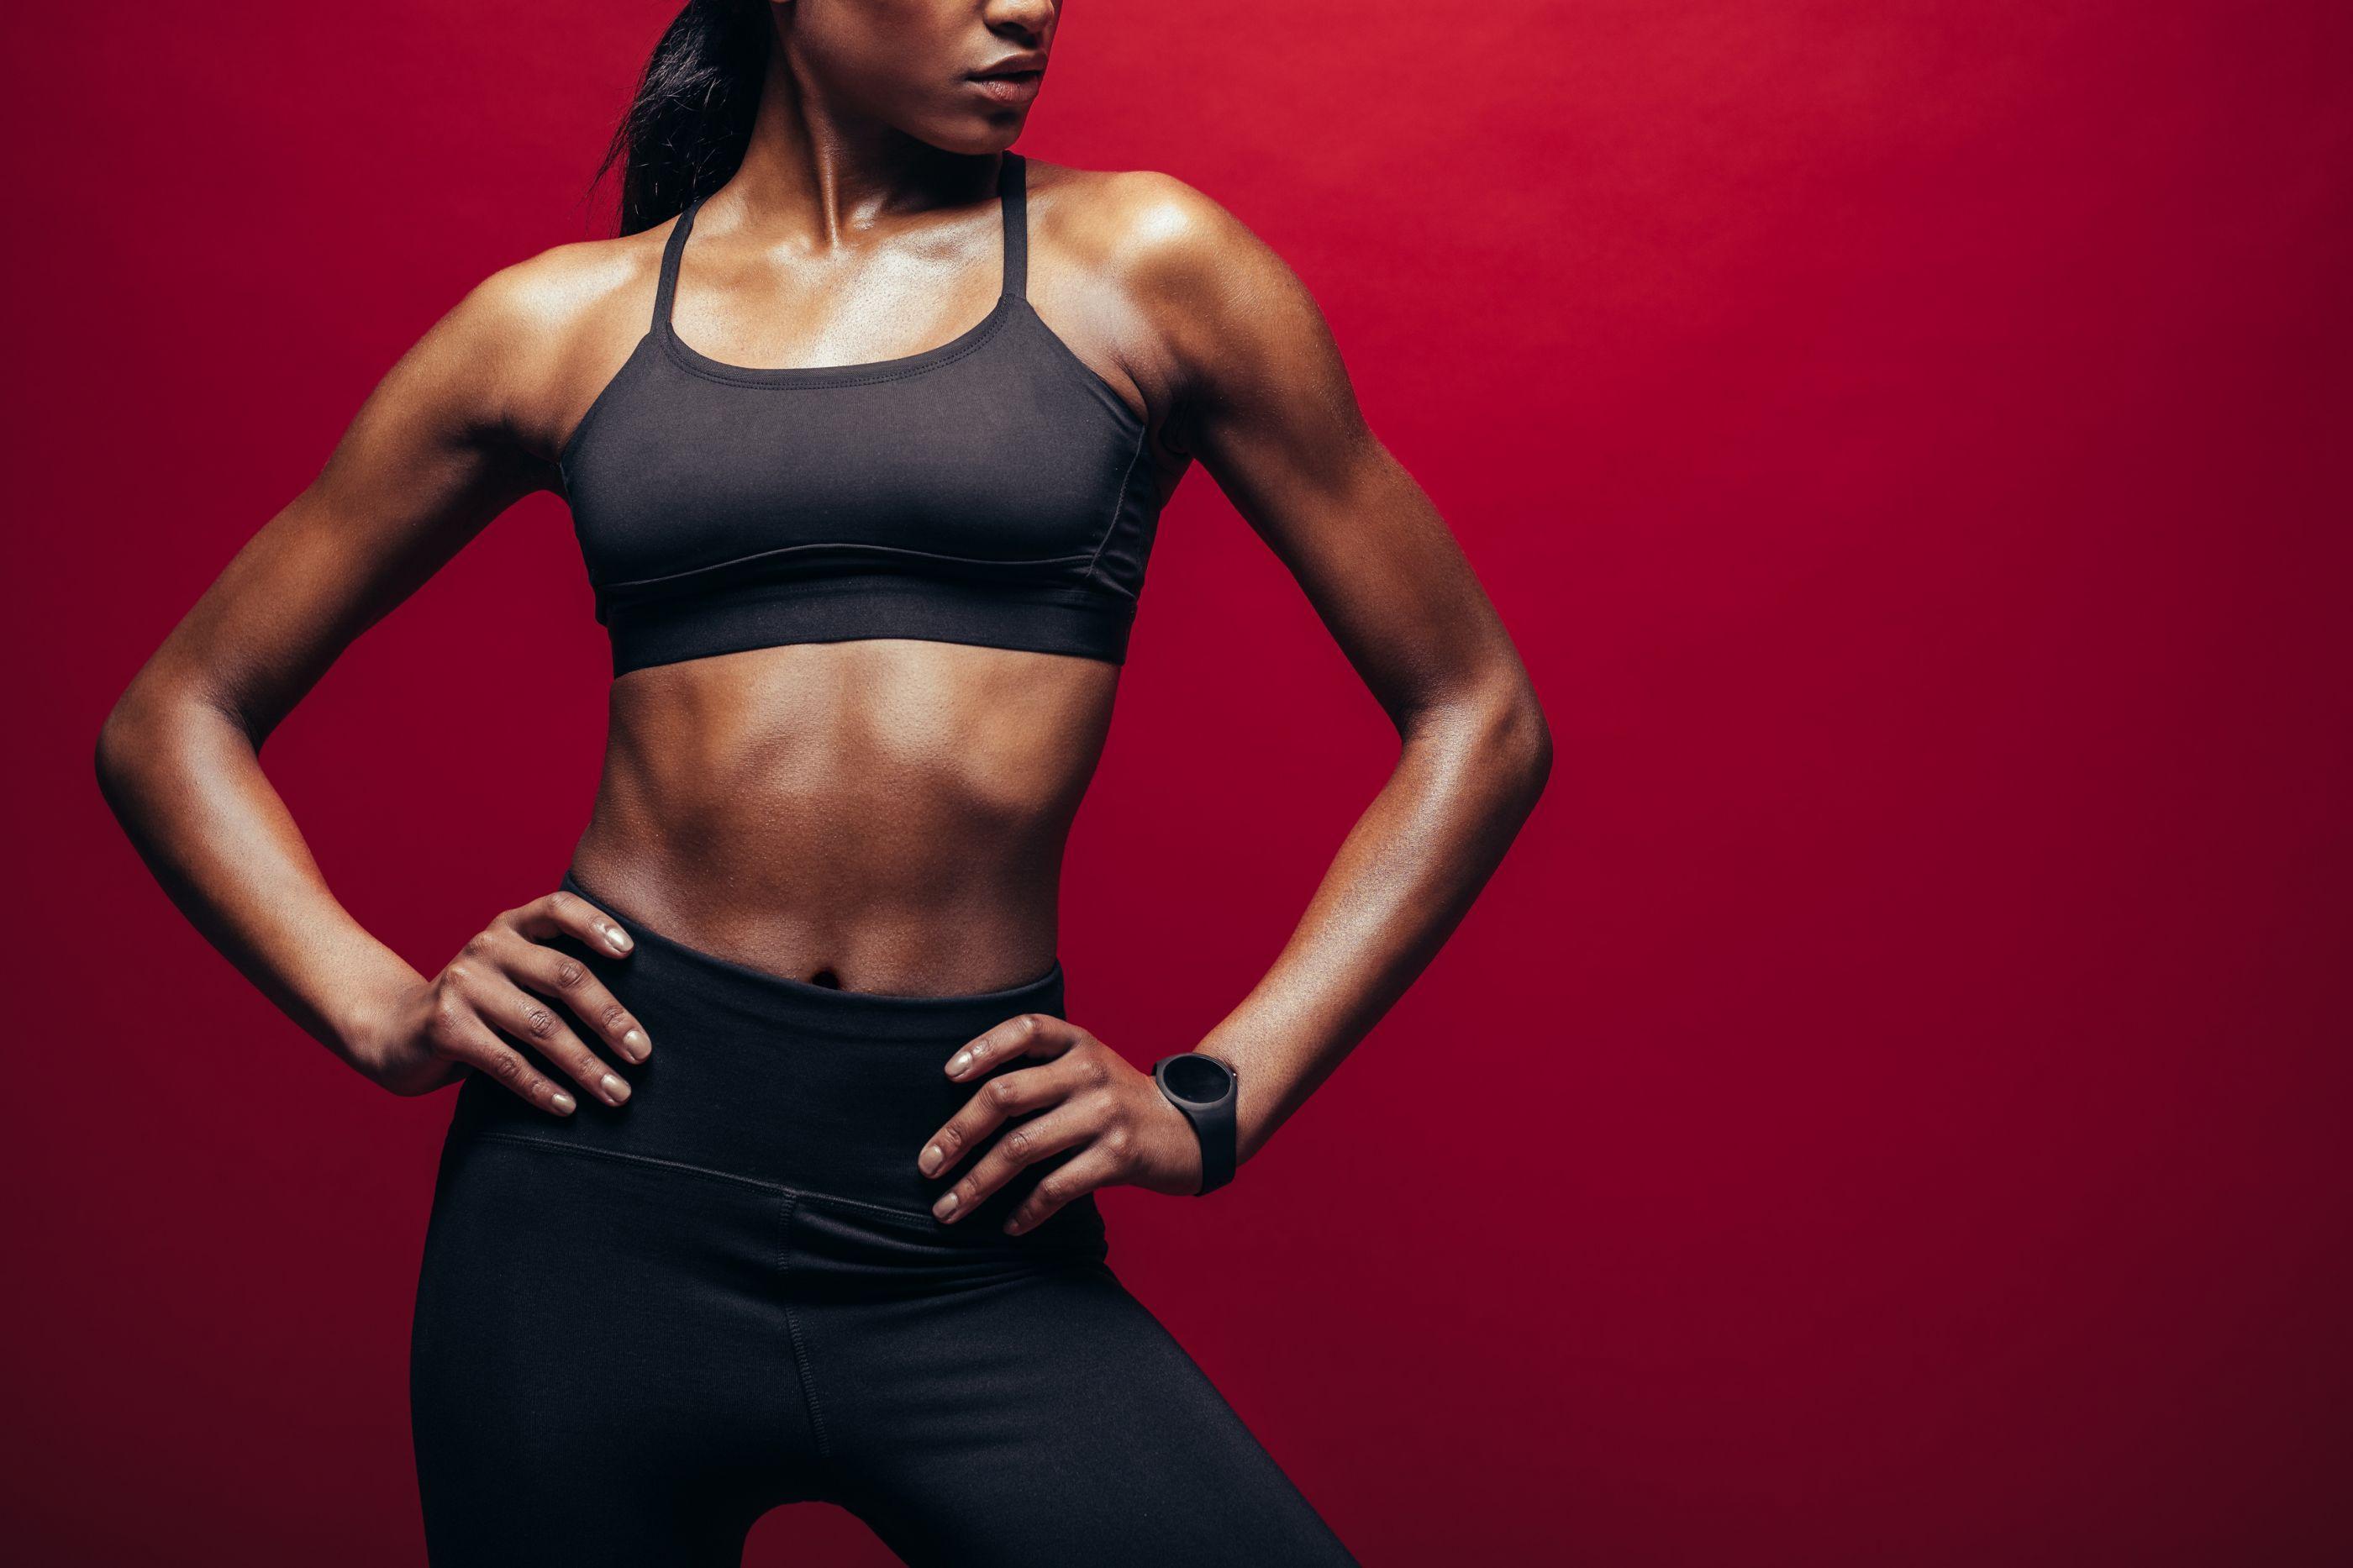 Deixe arder: Este desporto queima 900 calorias em 60 minutos